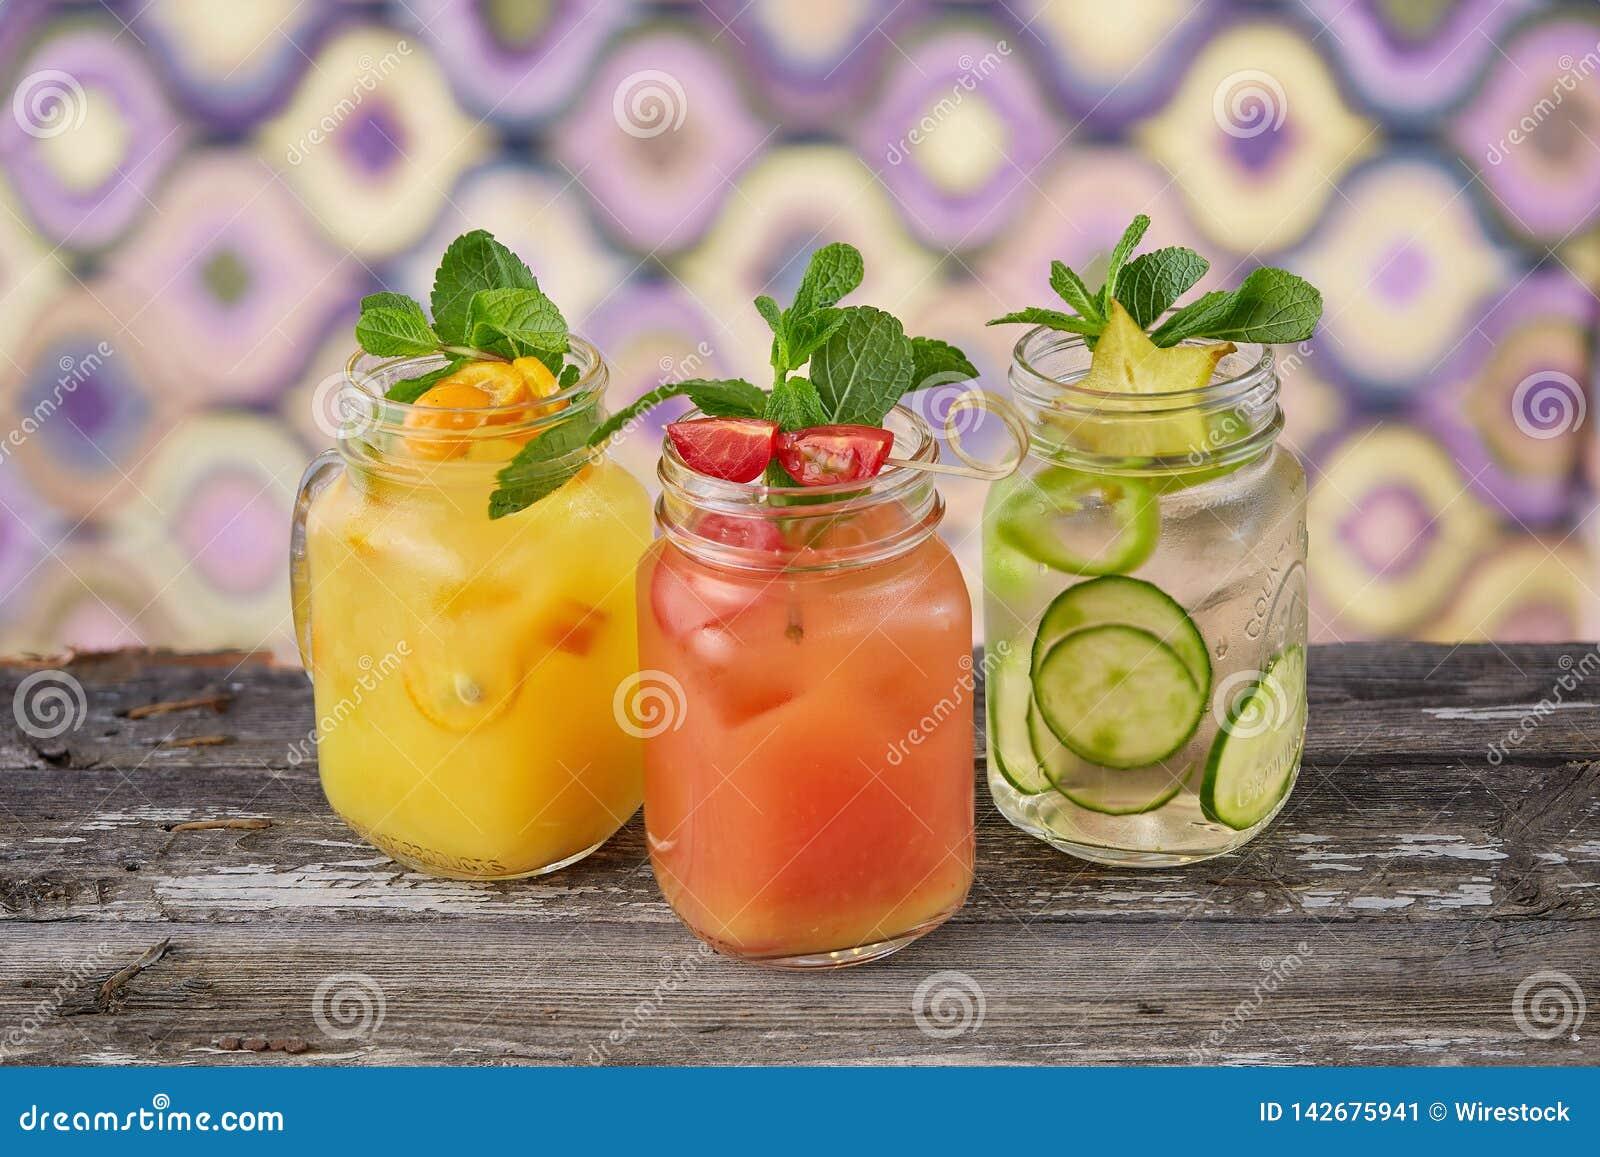 五颜六色的瓶子用柠檬水